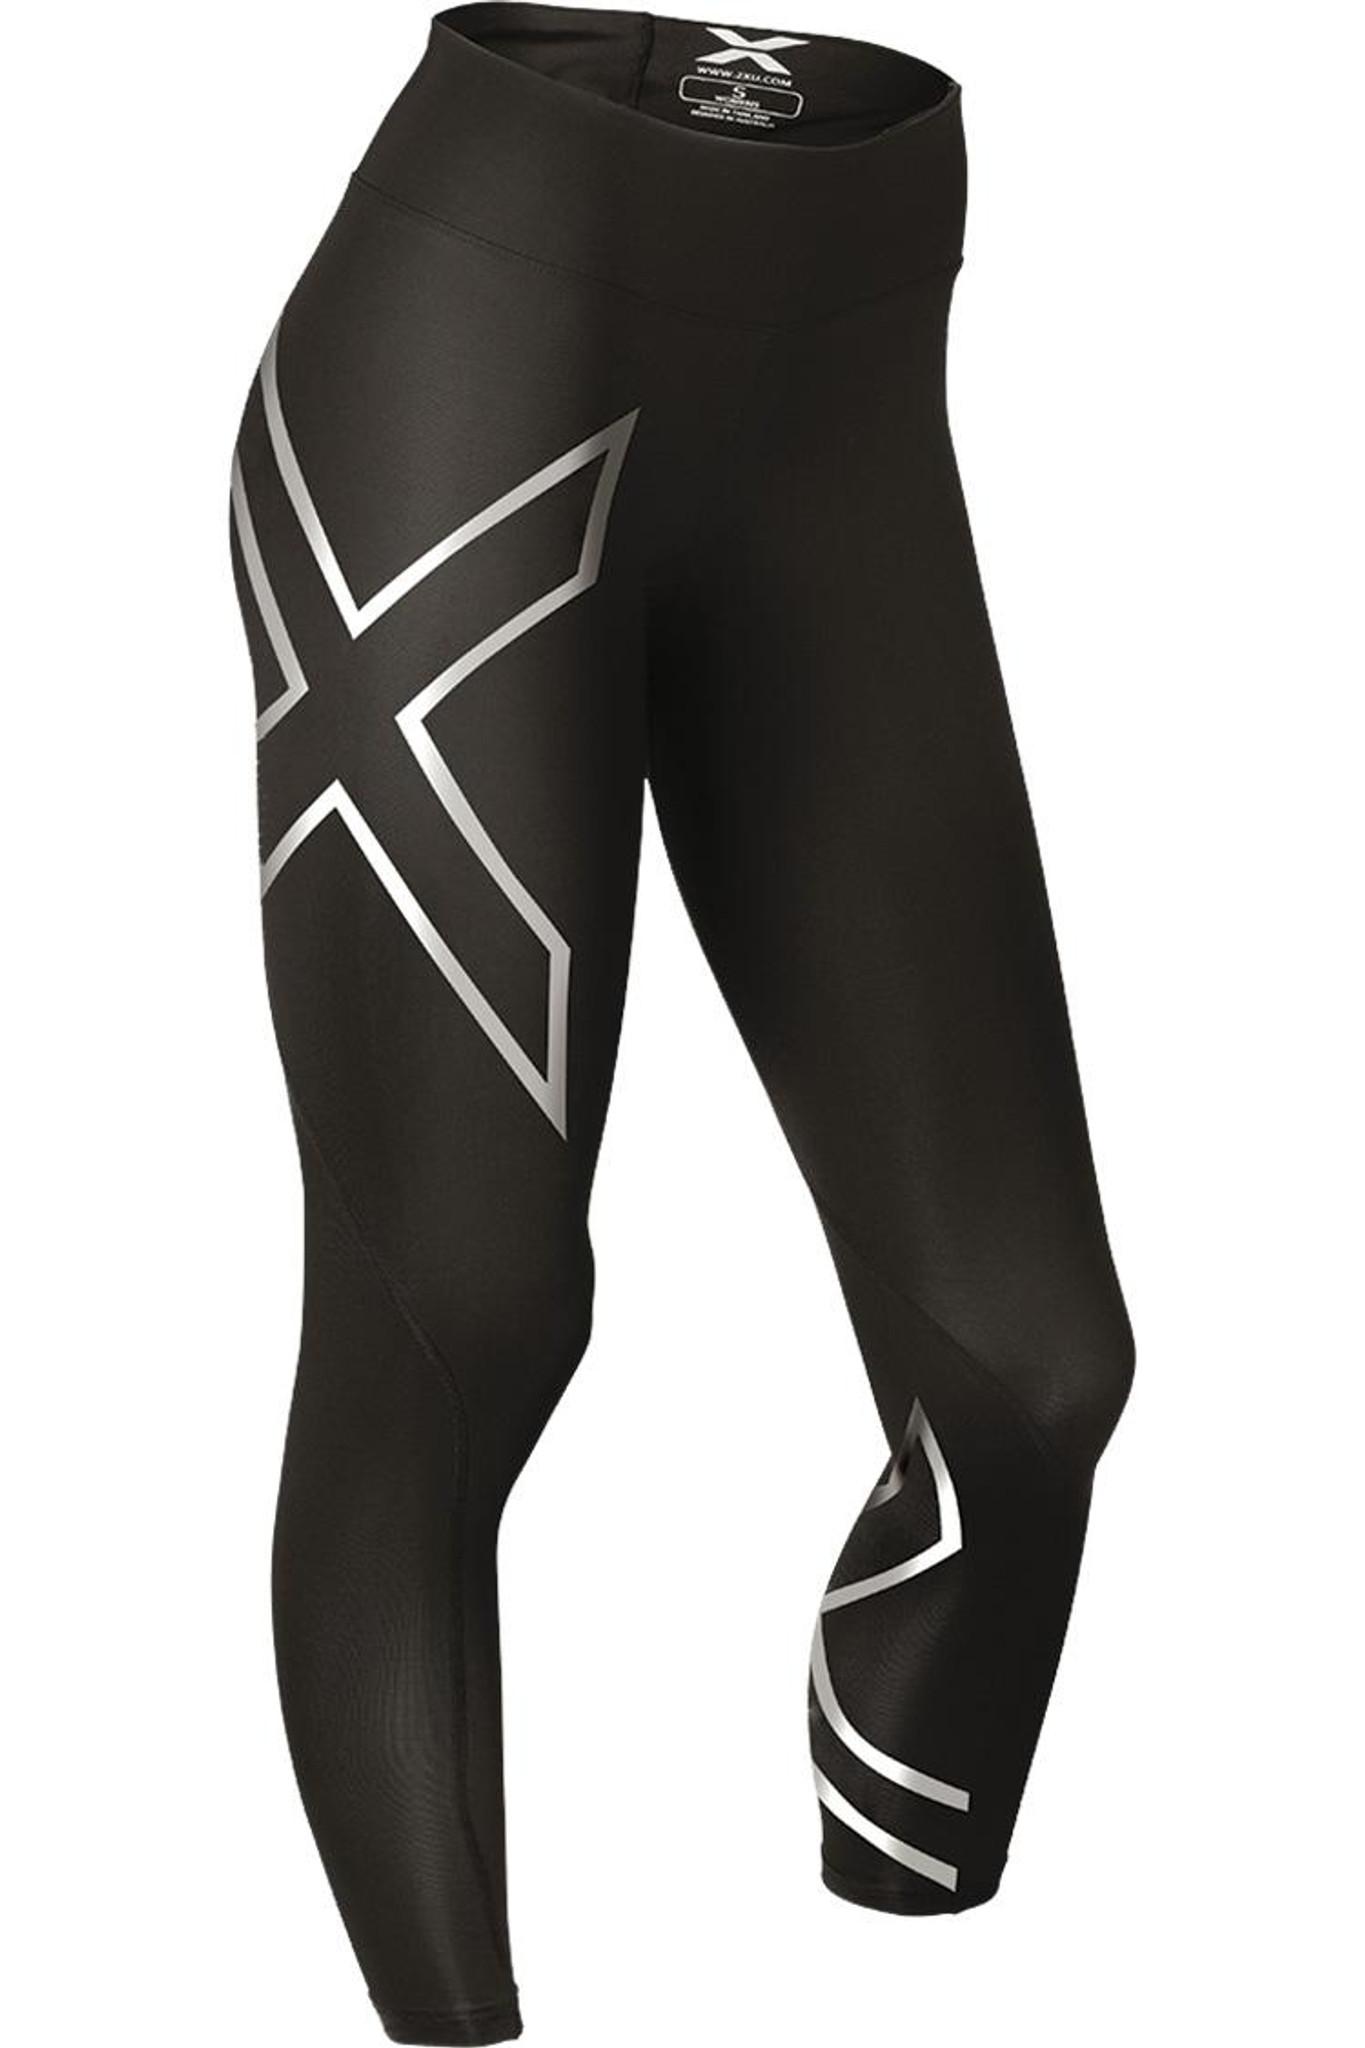 bab67d10dd 2XU Women's Hyoptik Mid Rise Compression Tights - MyTriathlon